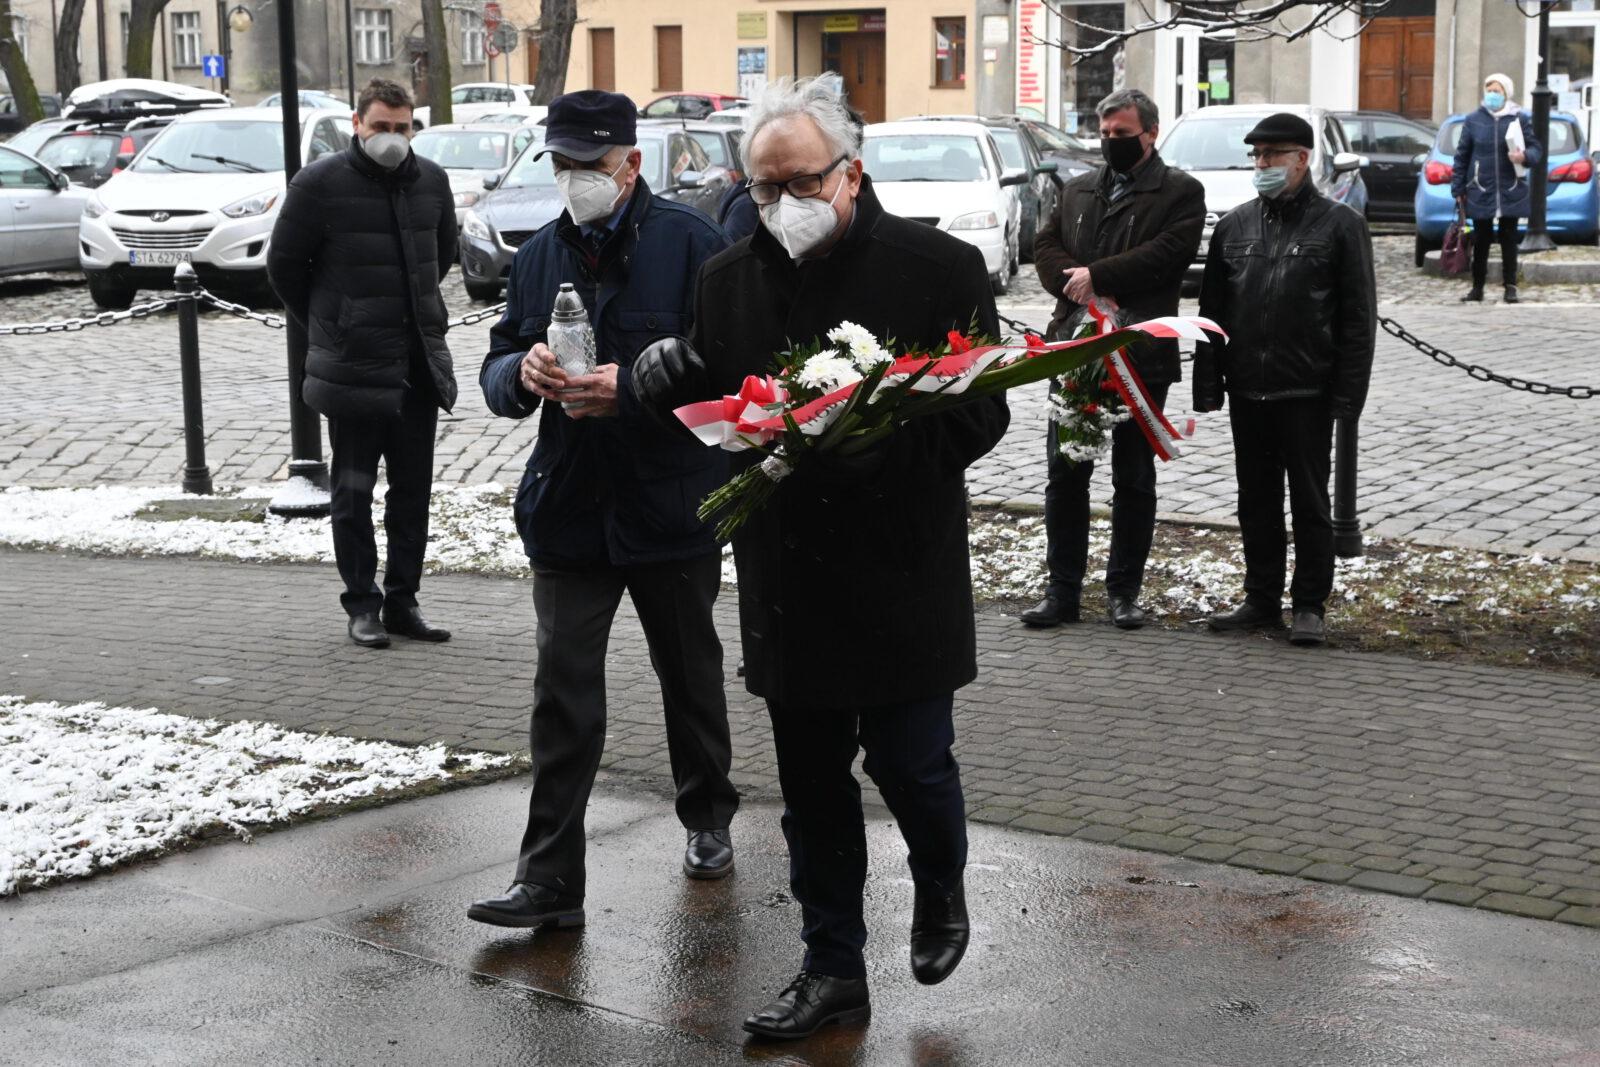 Burmistrz Arkadiusz Czech i wiceprzewodniczący rady miejskiej Franciszek Nowak składają znicze i kwiaty pod pomnikiem katyńskim